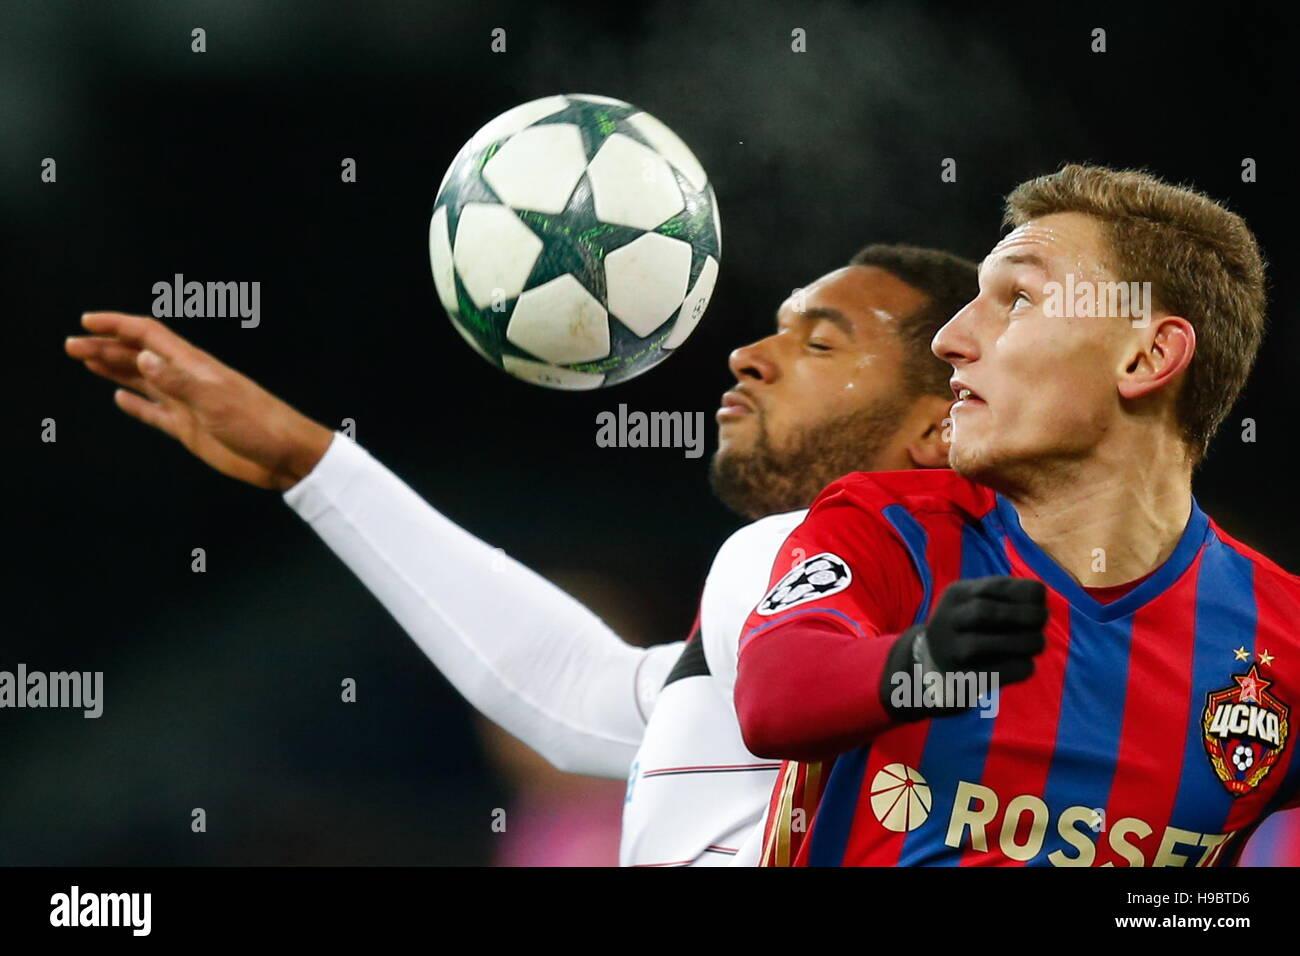 Moscú, Rusia. 22 Nov, 2016. Bayer 04 Leverkusen Jonathan Tah (L) y el CSKA de Moscú Fedor Chalov en acción Imagen De Stock